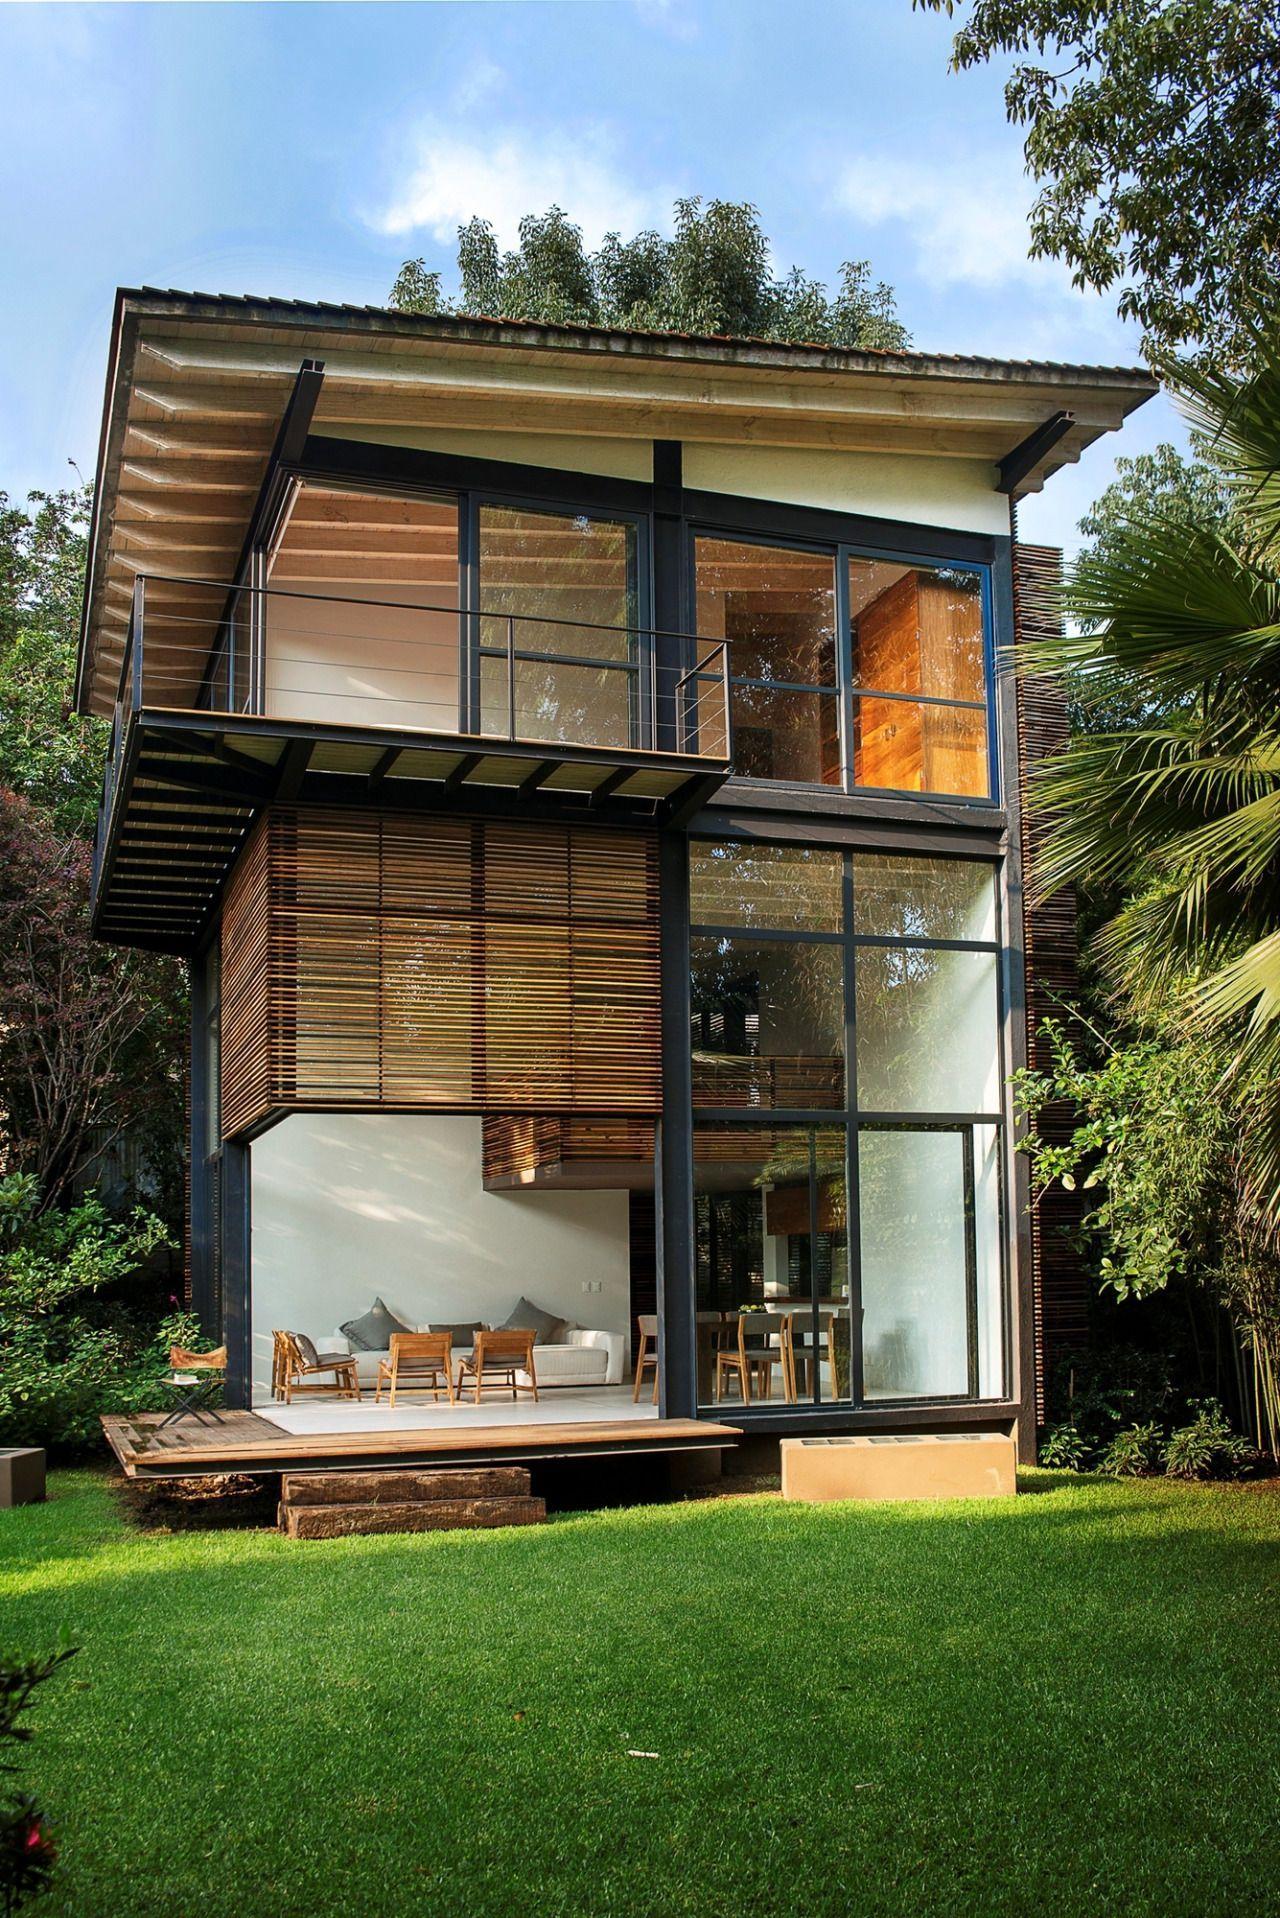 Остекленный фасад небольшого трехэтажного жилого дома